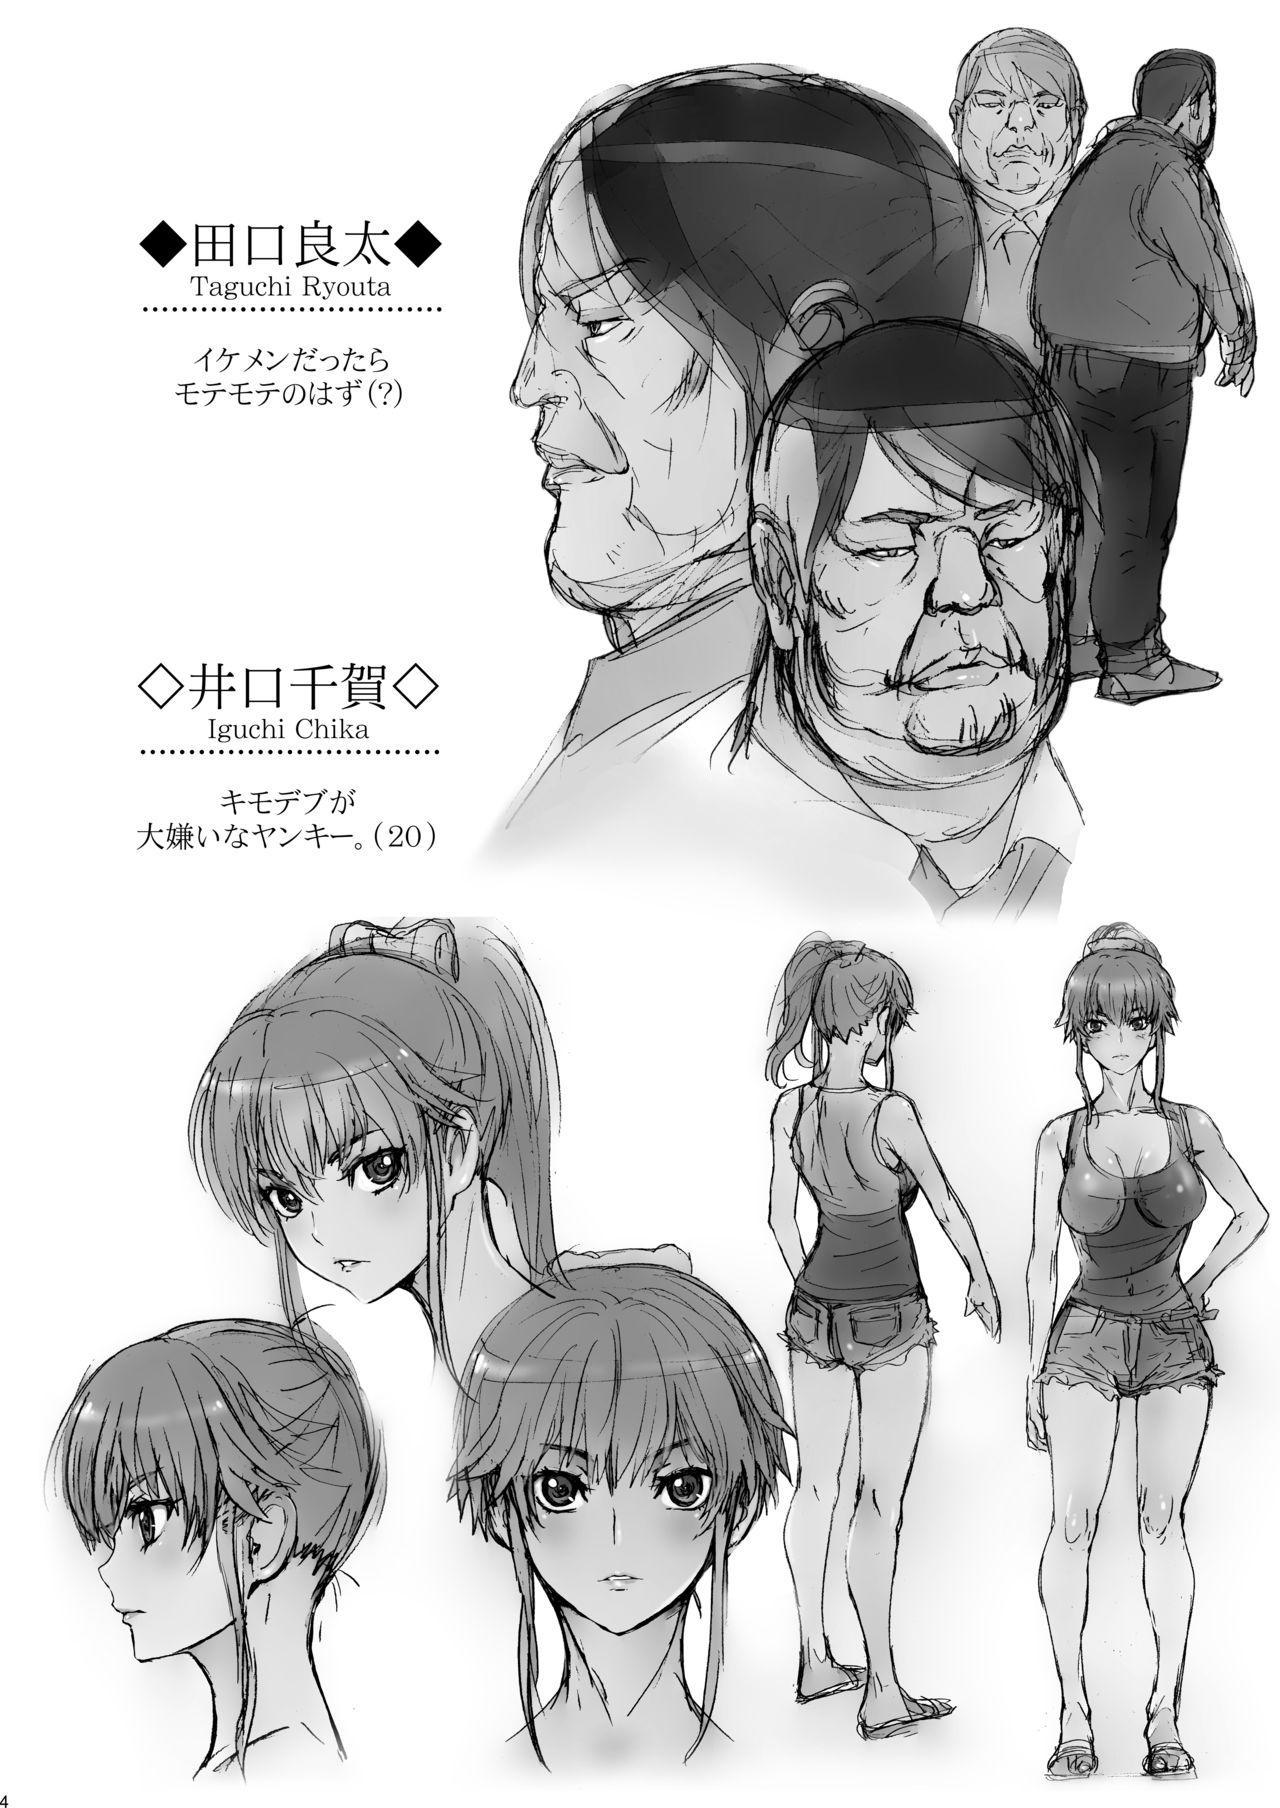 Kuso Haradatsu Tonari no Yariman Yankee o Saiminjutsu de Saikoukyuu Onaho ni Suru 3